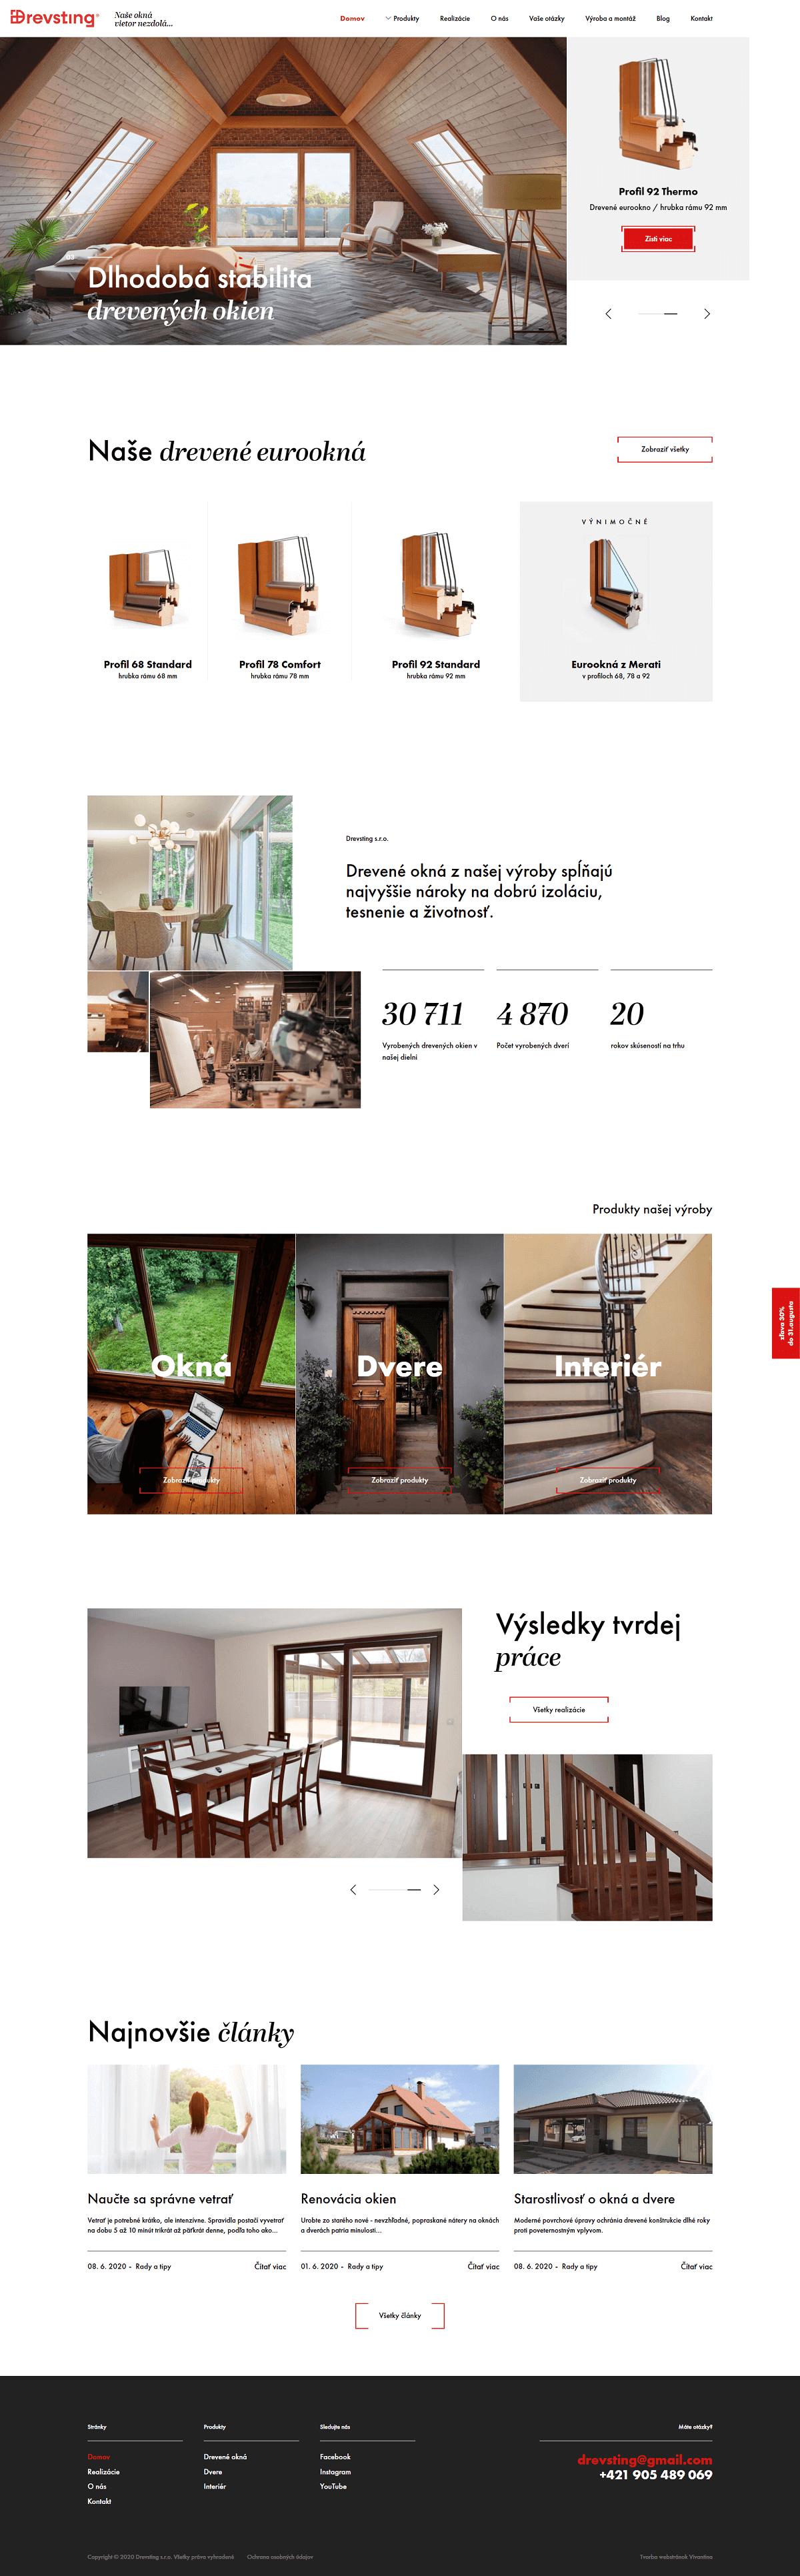 drevsting main page design